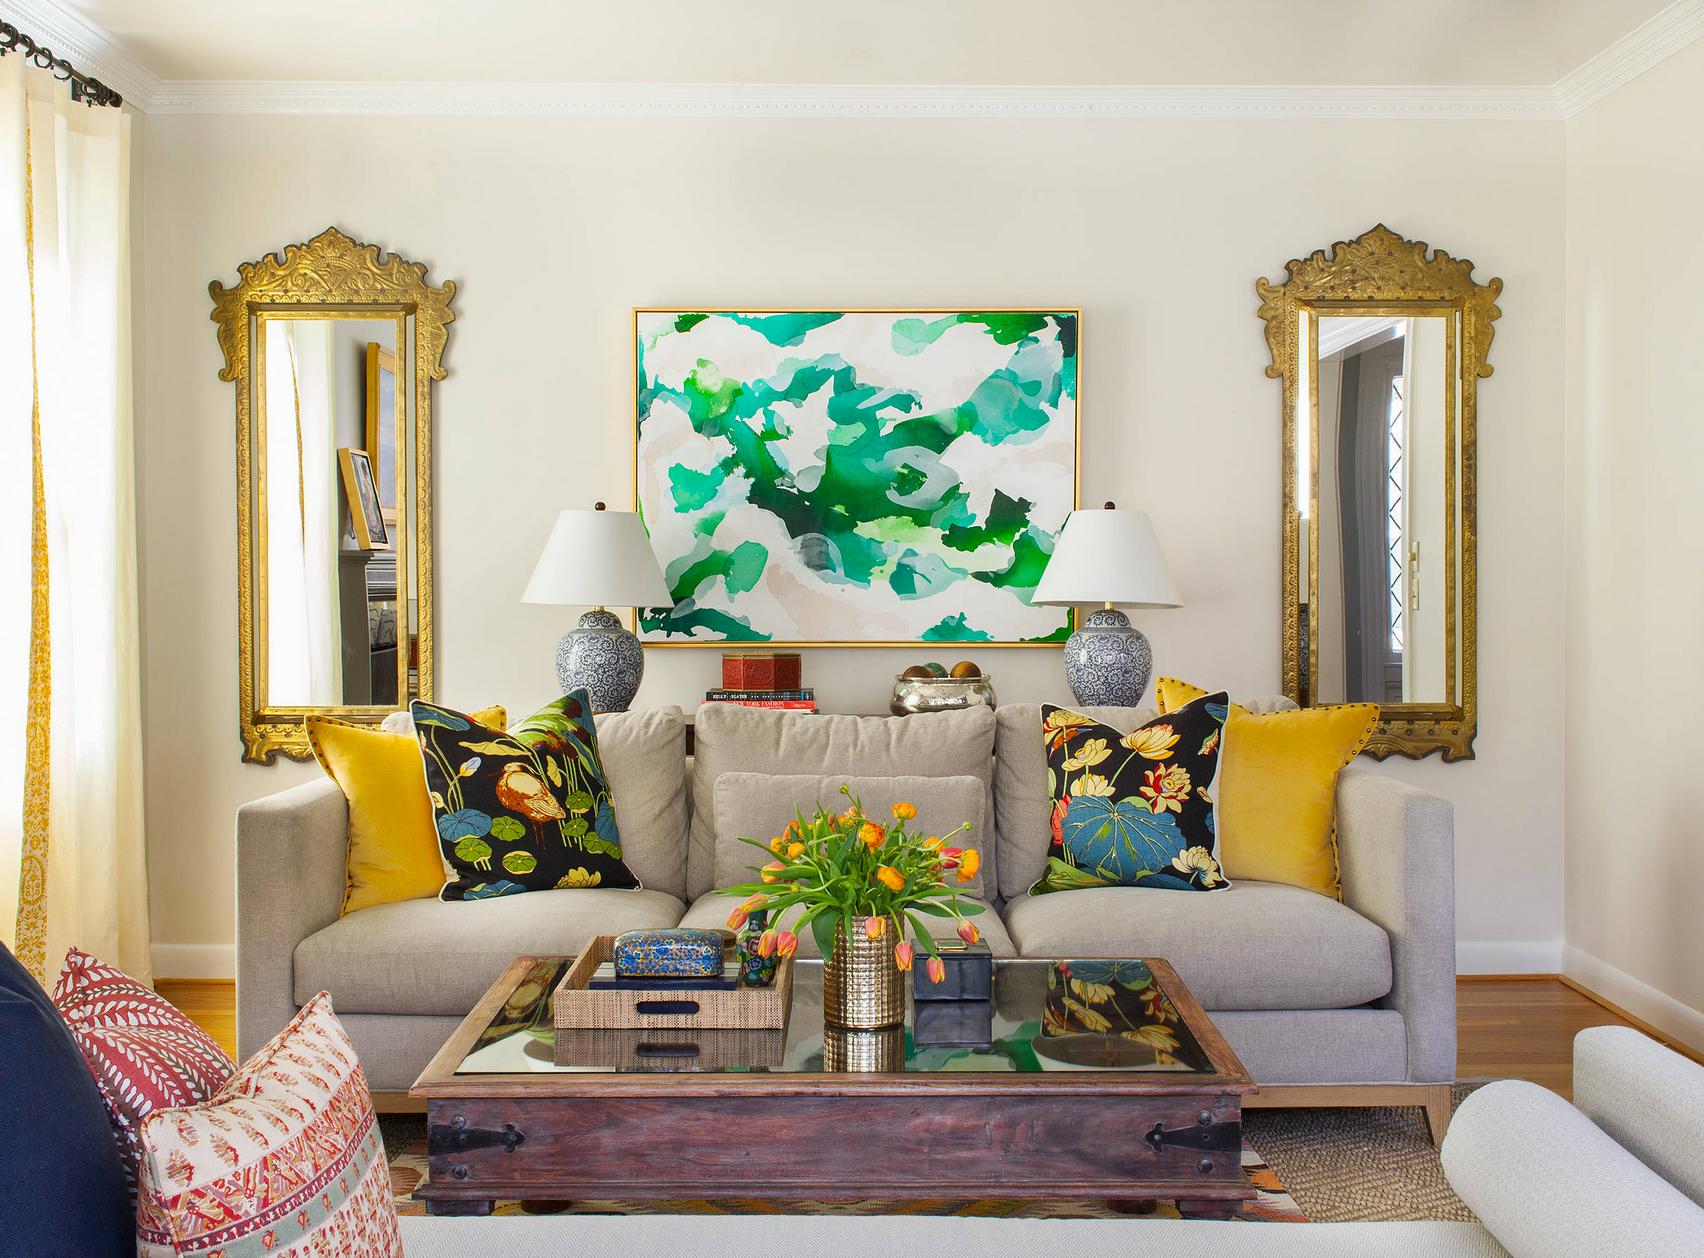 Sala de estar tradicional con acentos coloridos